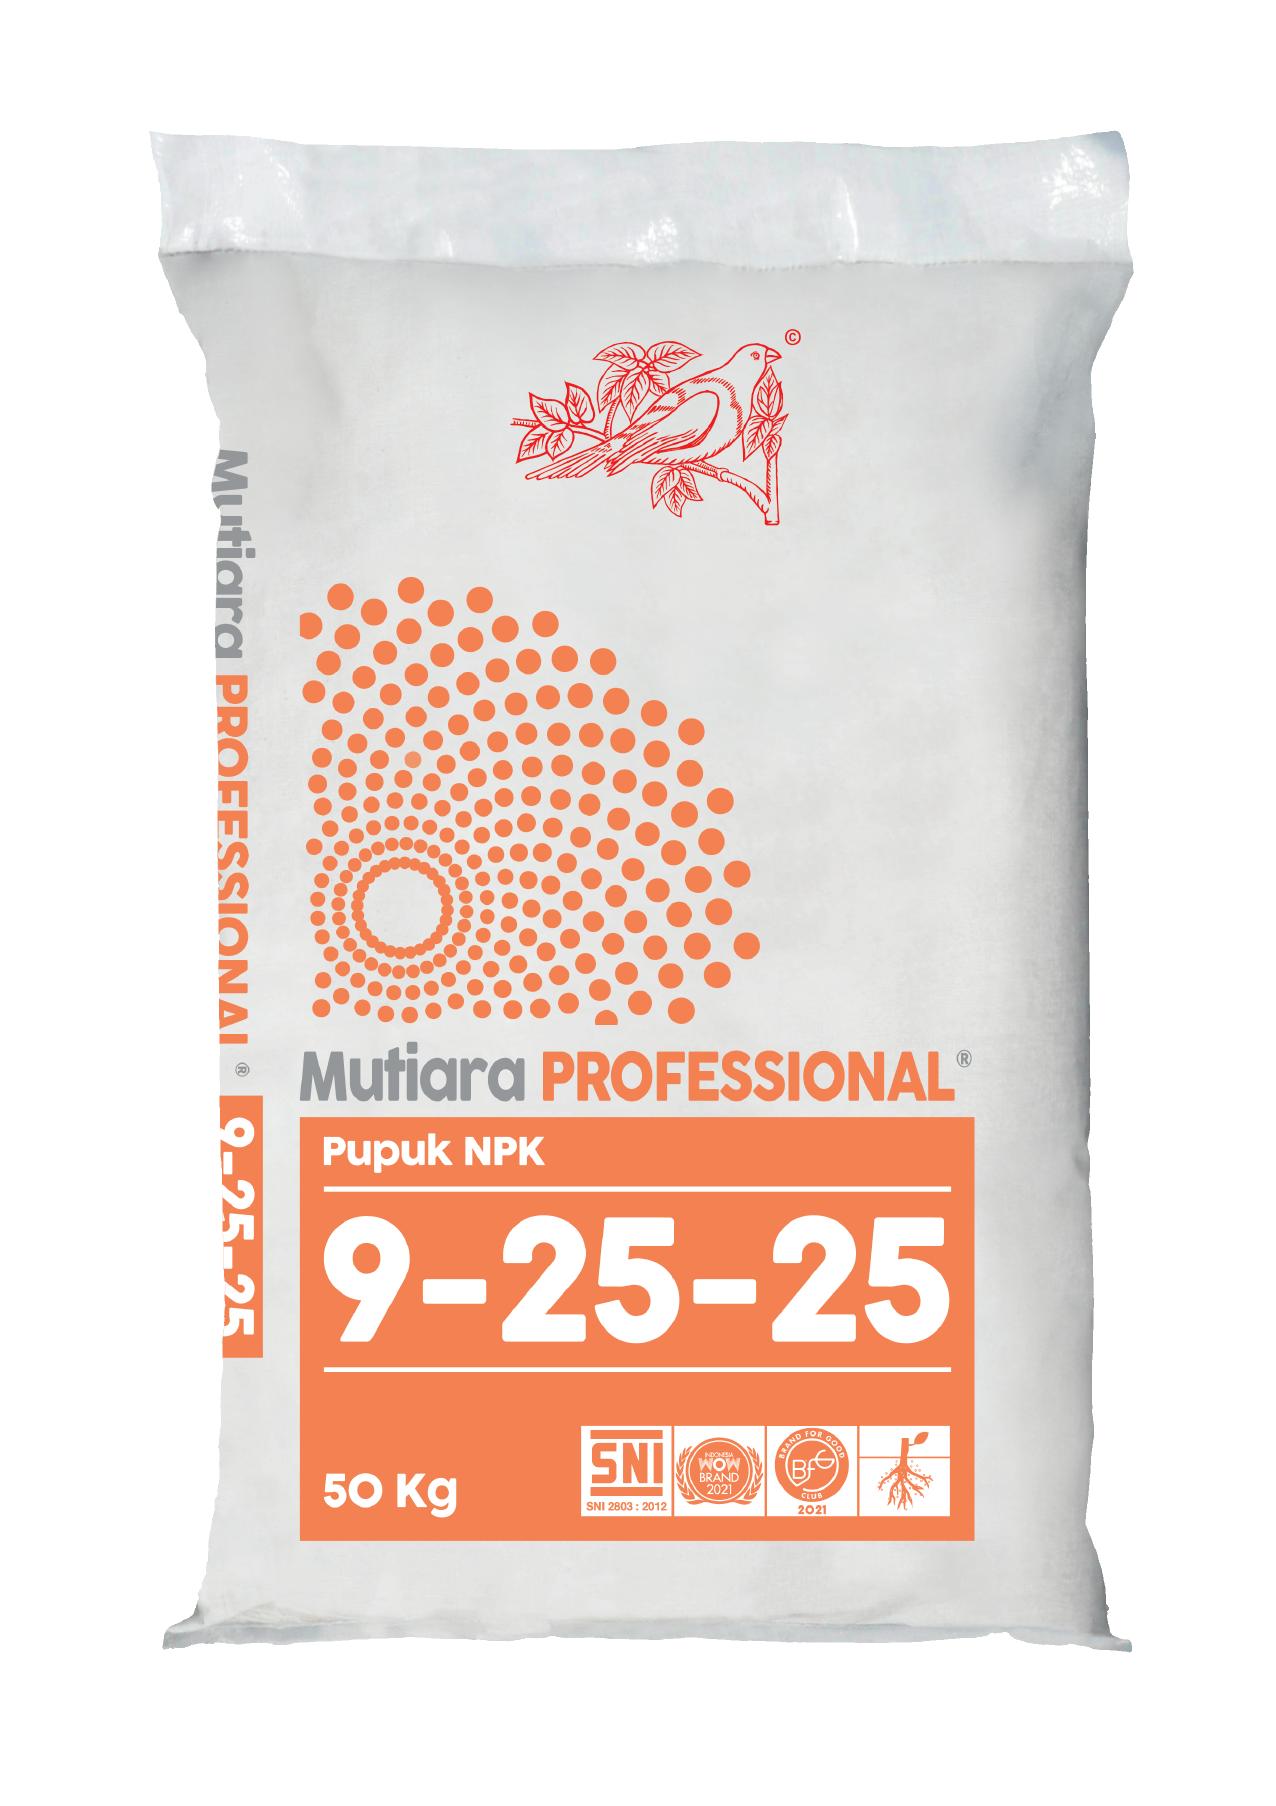 NPK Mutiara PROFESSIONAL 9-25-25